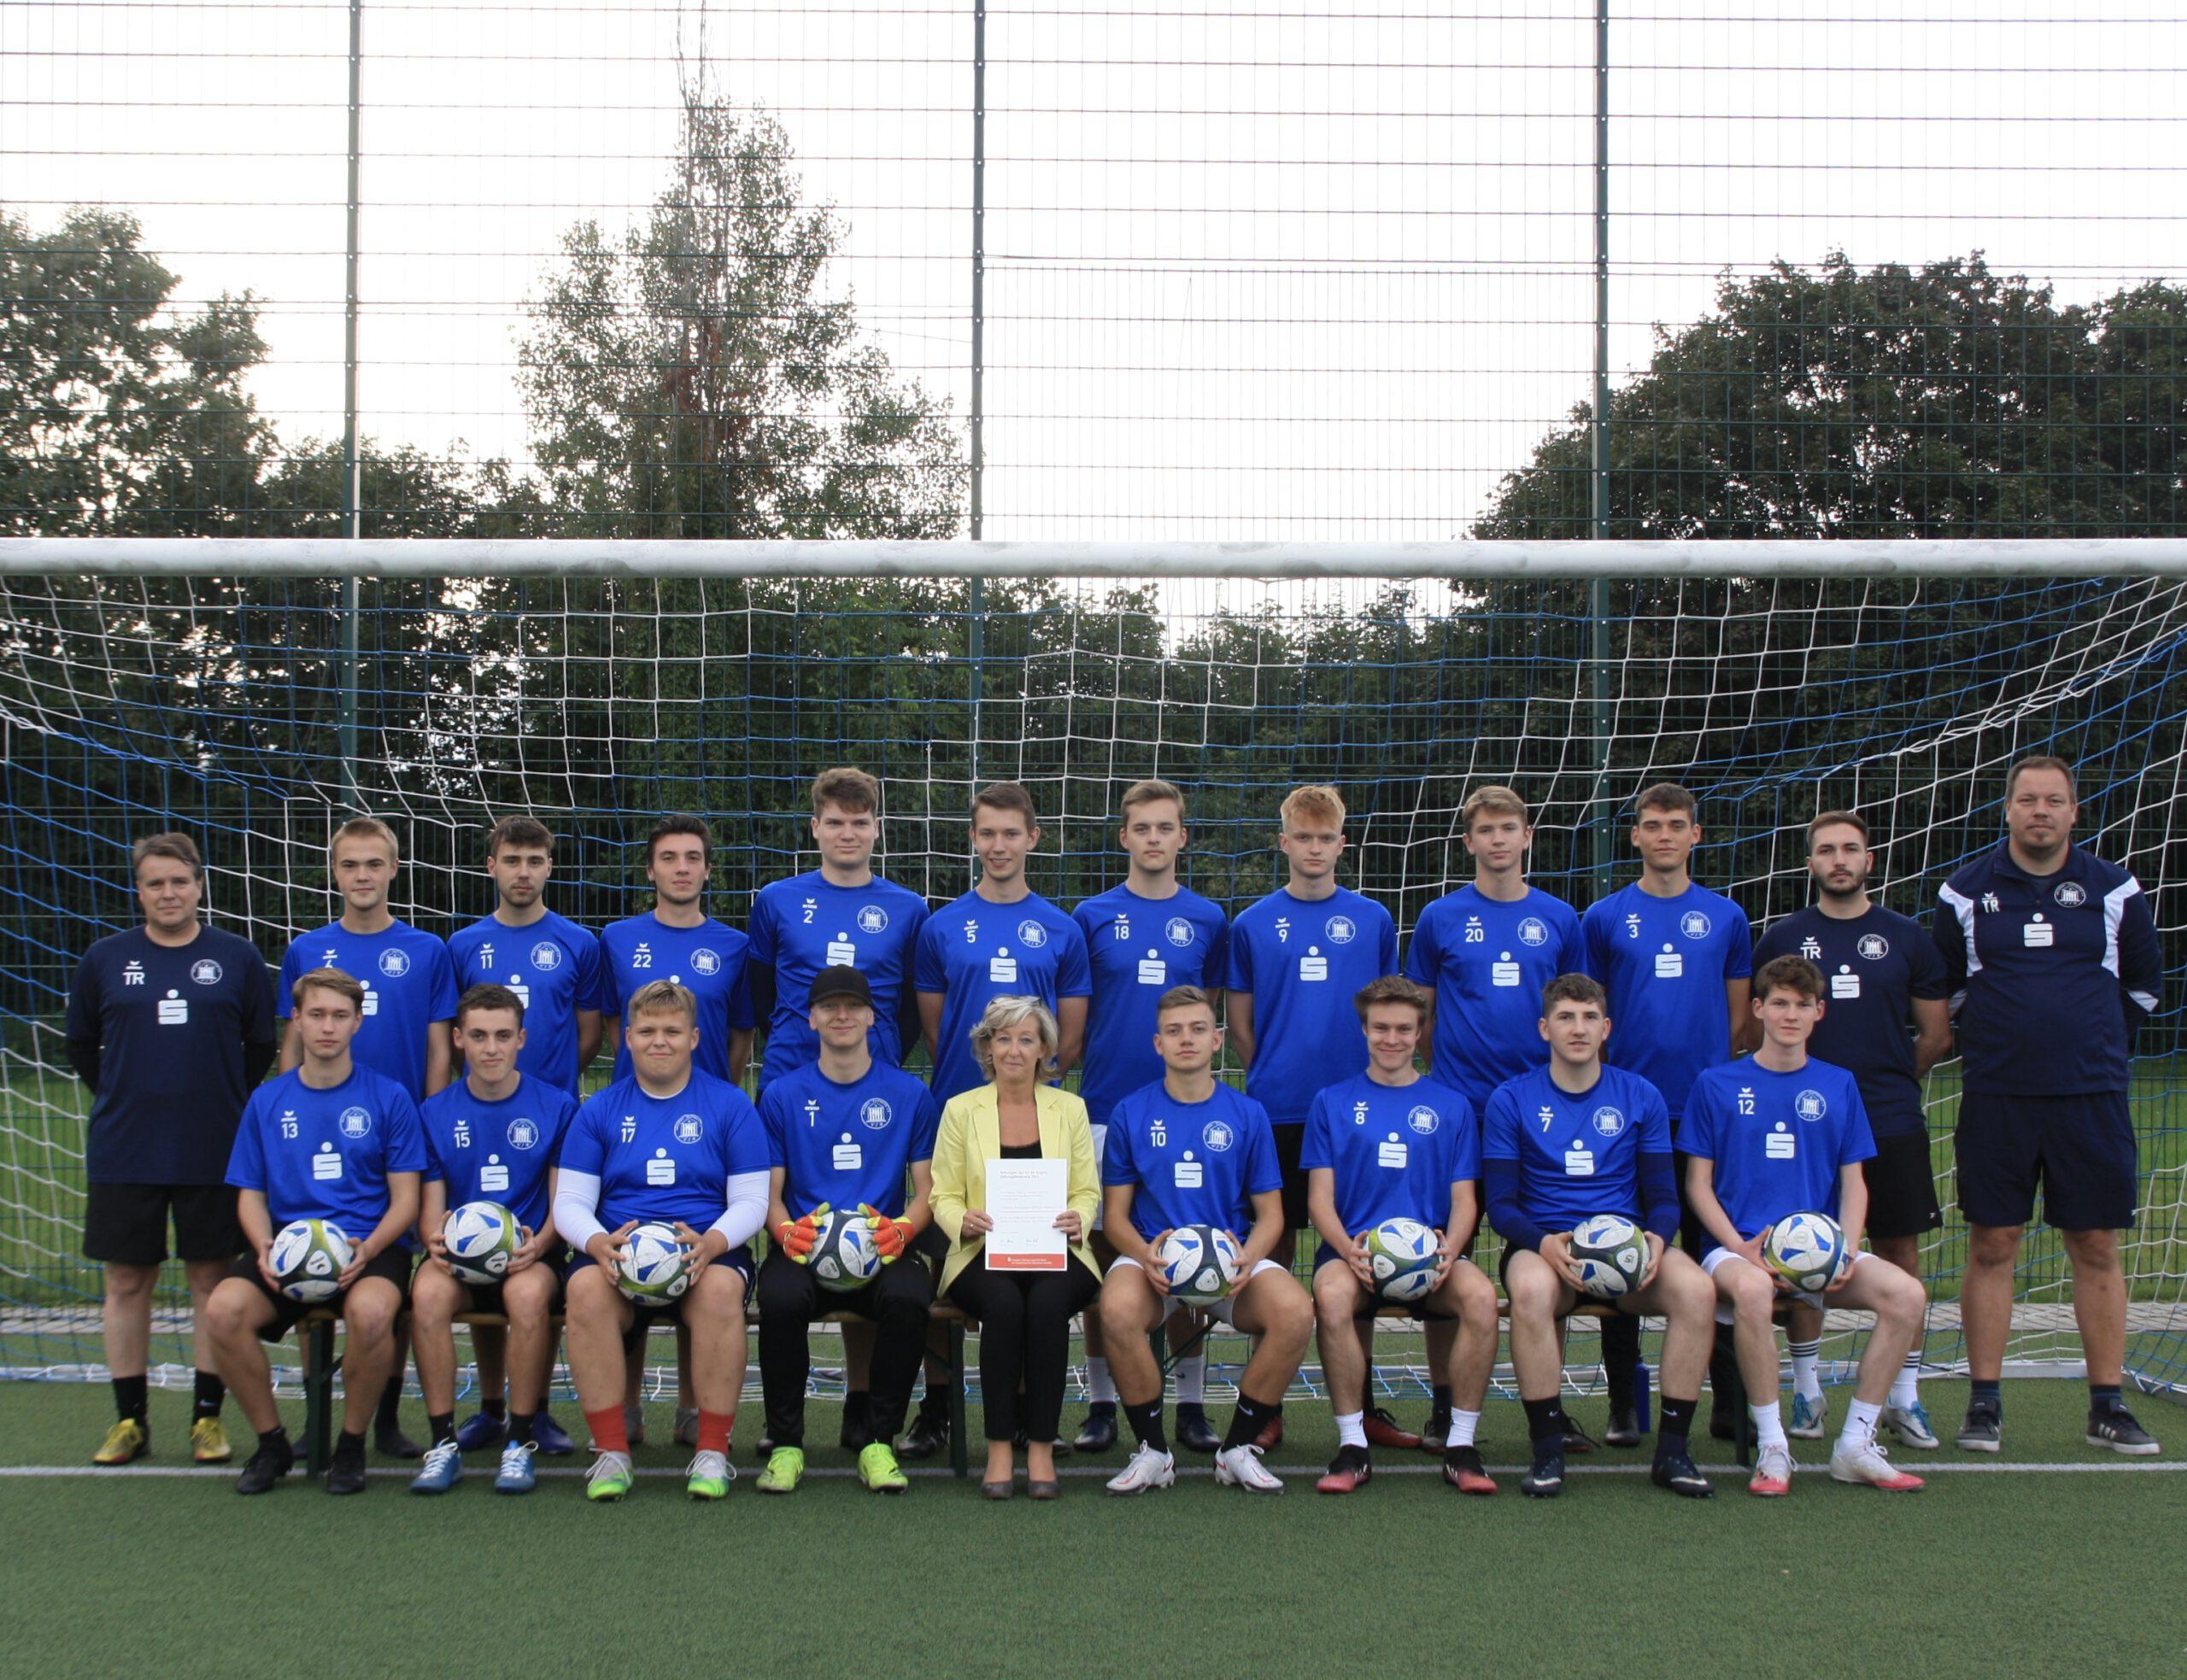 Sparkasse fördert Erwärmungstrikots und Ballsatz für die A-Junioren der Abteilung Fußball